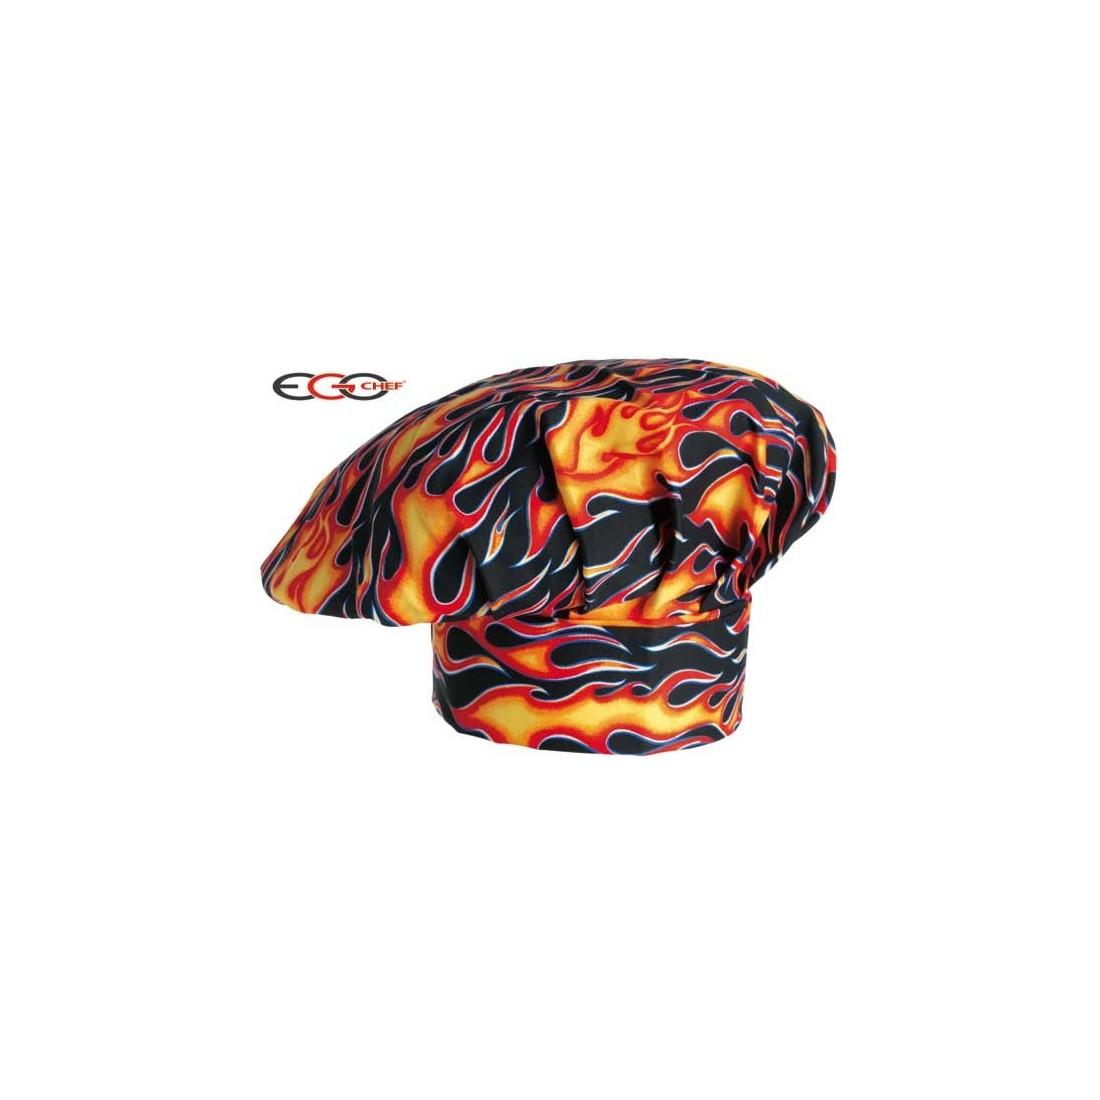 Gorro cocinero color negro y motivo de llamas